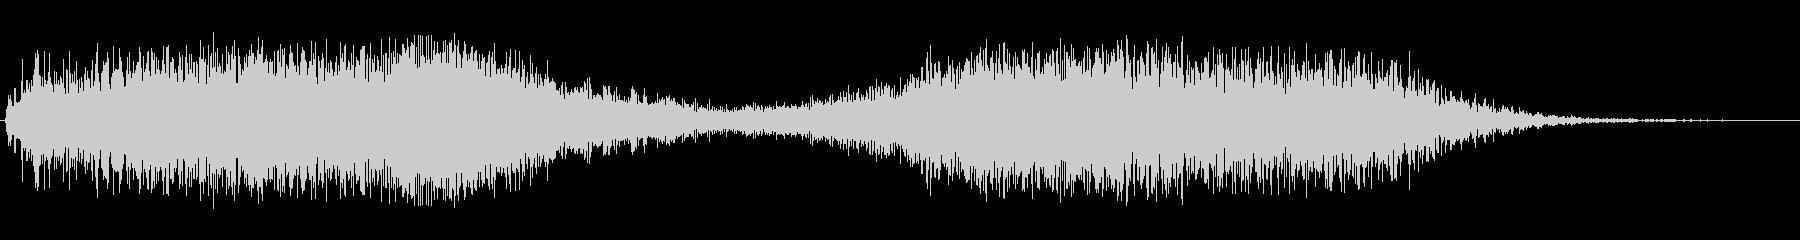 キラキラ(アップダウン)の未再生の波形